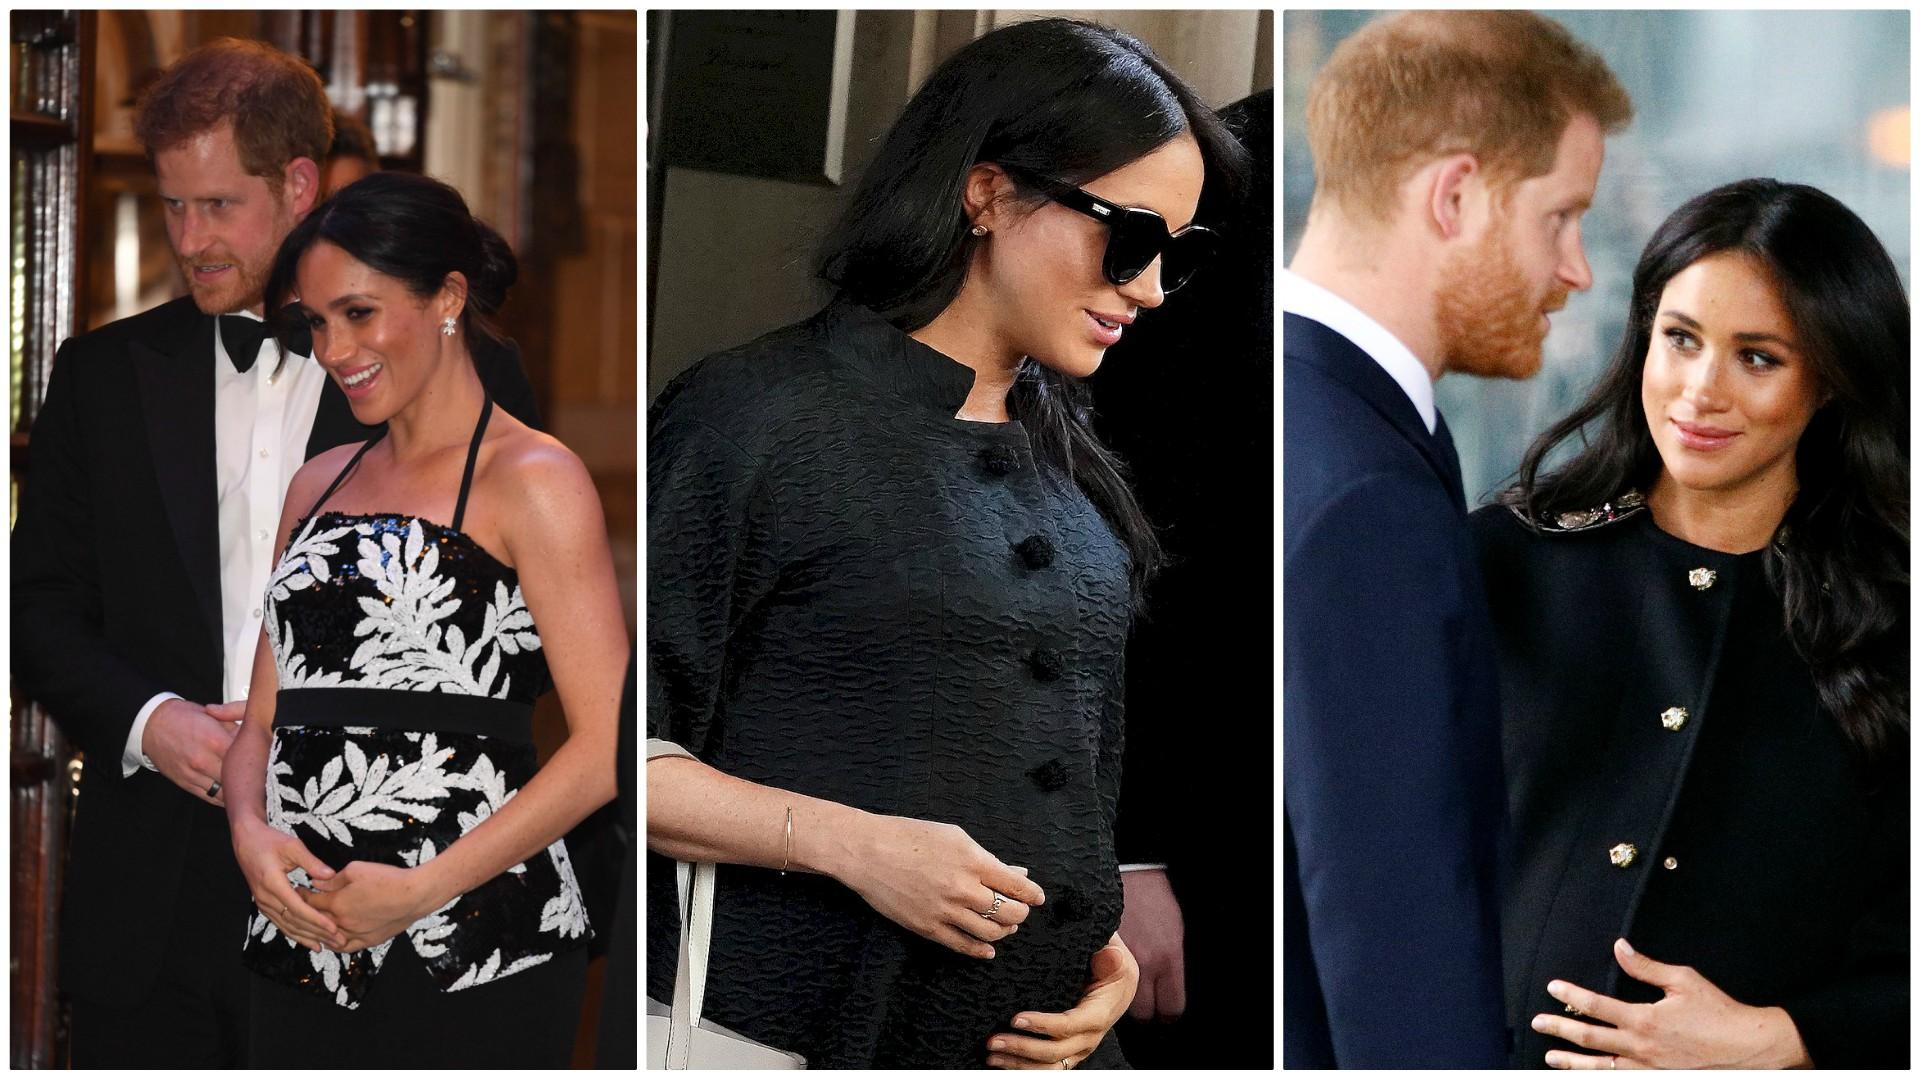 Co wydarzy się po narodzinach dziecka księżnej Meghan i księcia Harry'ego?